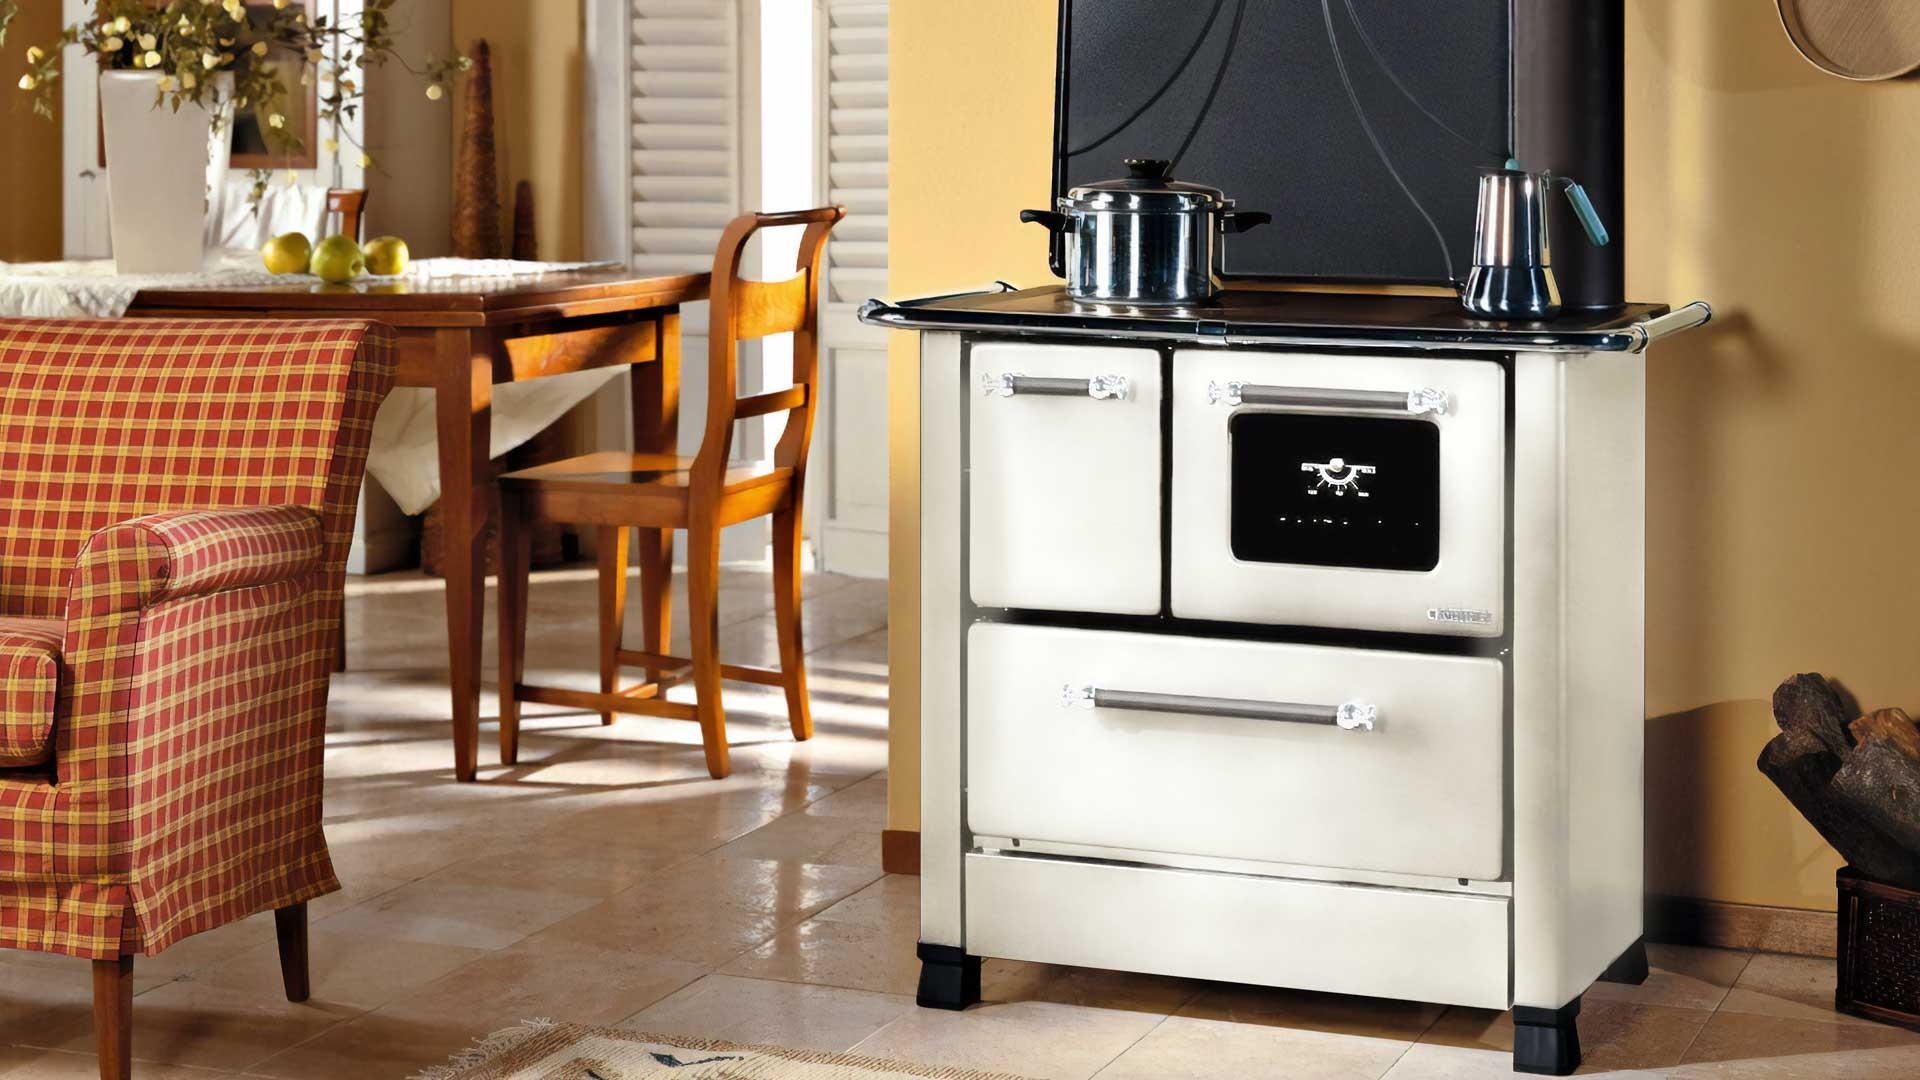 Cucina a legna Romantica - Reparto riscaldamento - Brico OK Corigliano